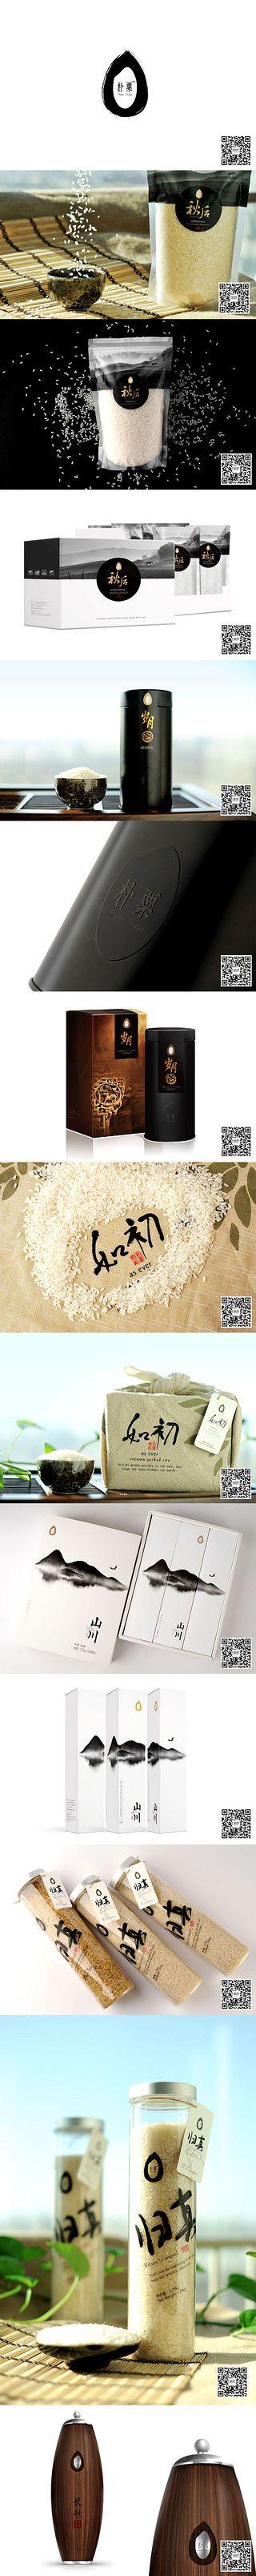 优品(米色)@七言设计采集到茶叶包装(七言)(12图)_花瓣平面设计. Beautiful rice packaging collection PD (no source link, sorry)